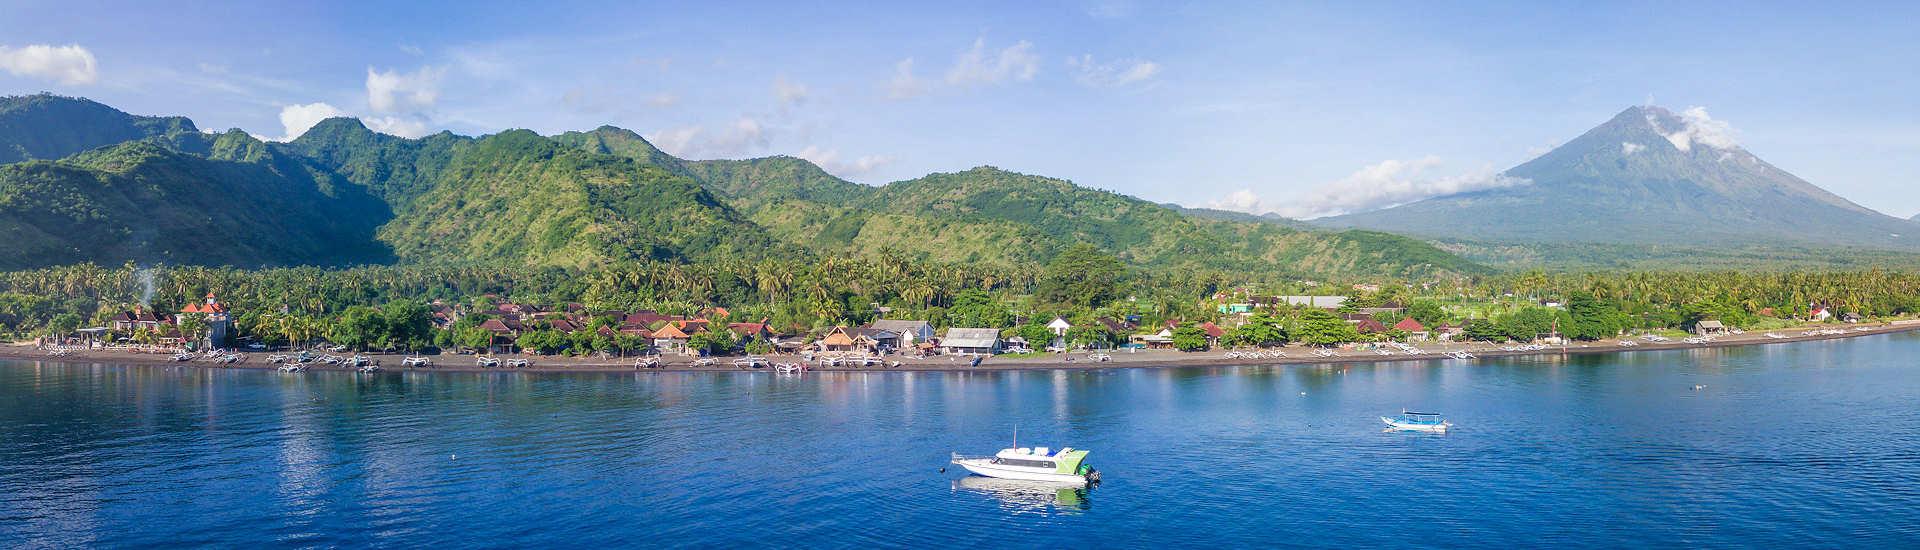 Tauchgebiete um Tulamben und Amed an Balis Ostküste